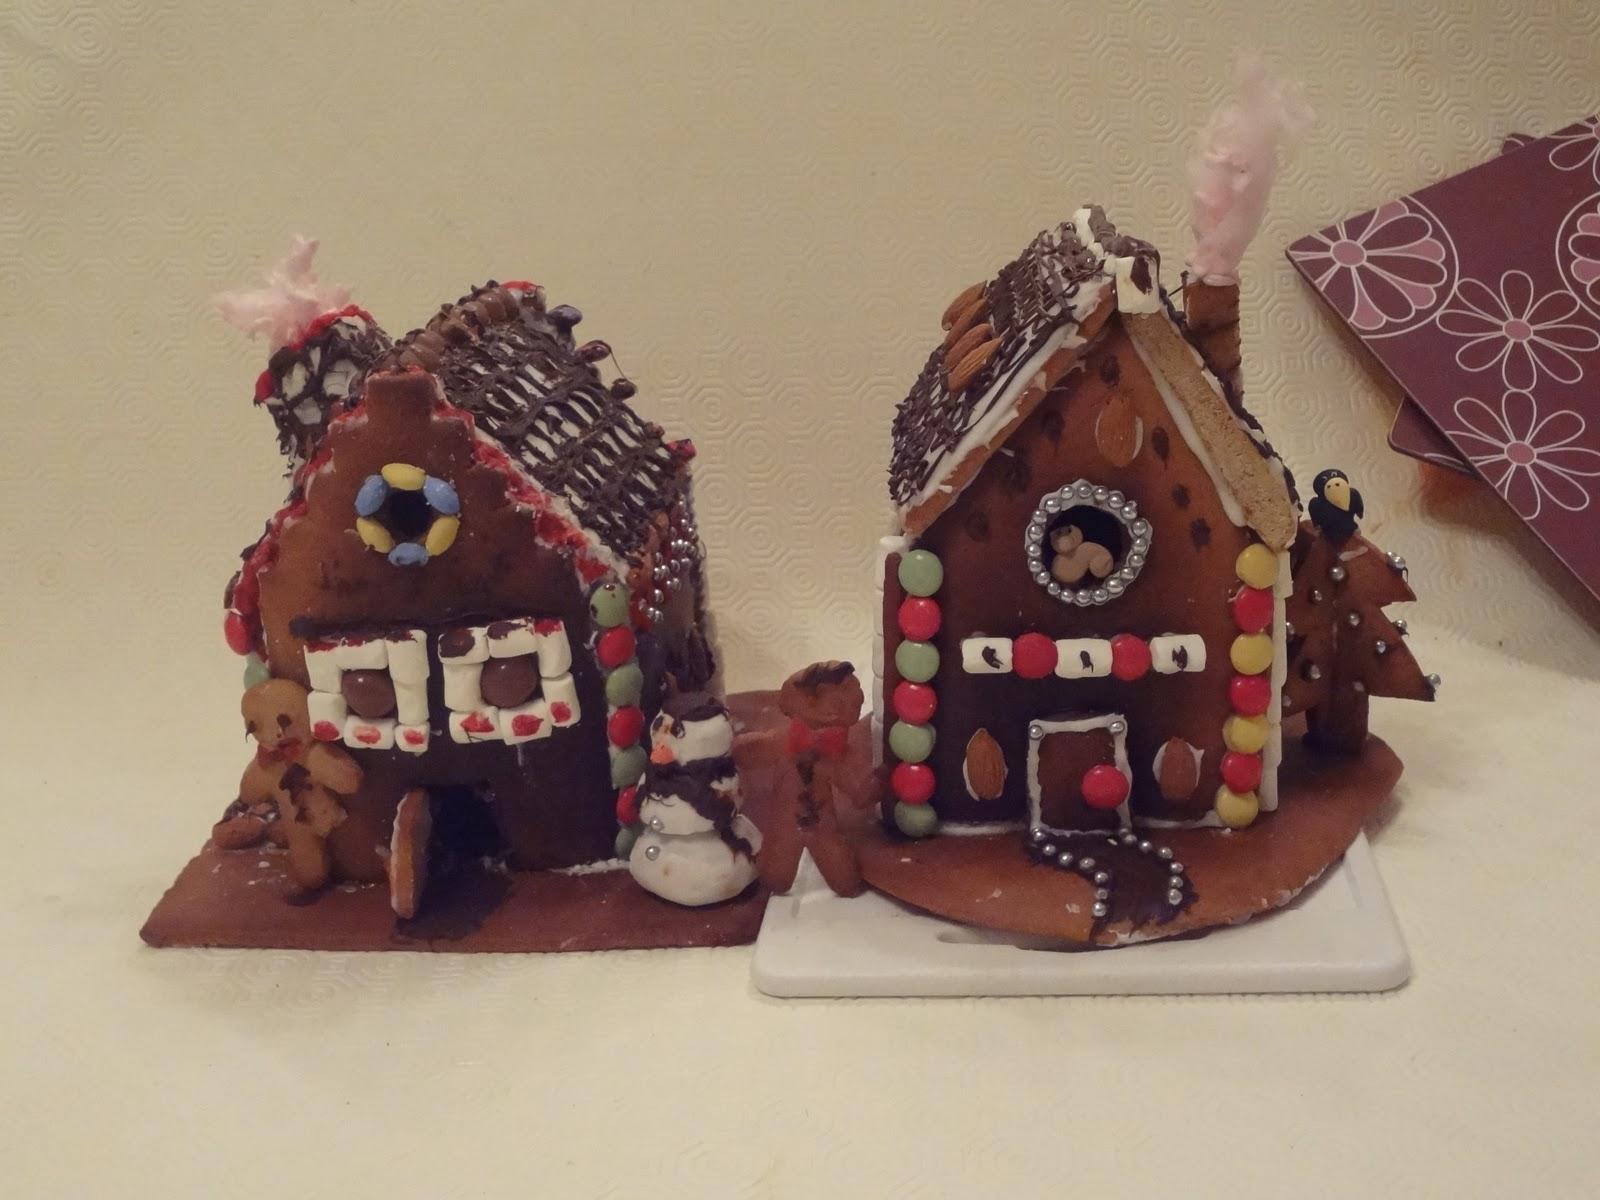 Dailynoted: DIY: Annemarieke bouwt een huis van snoep!